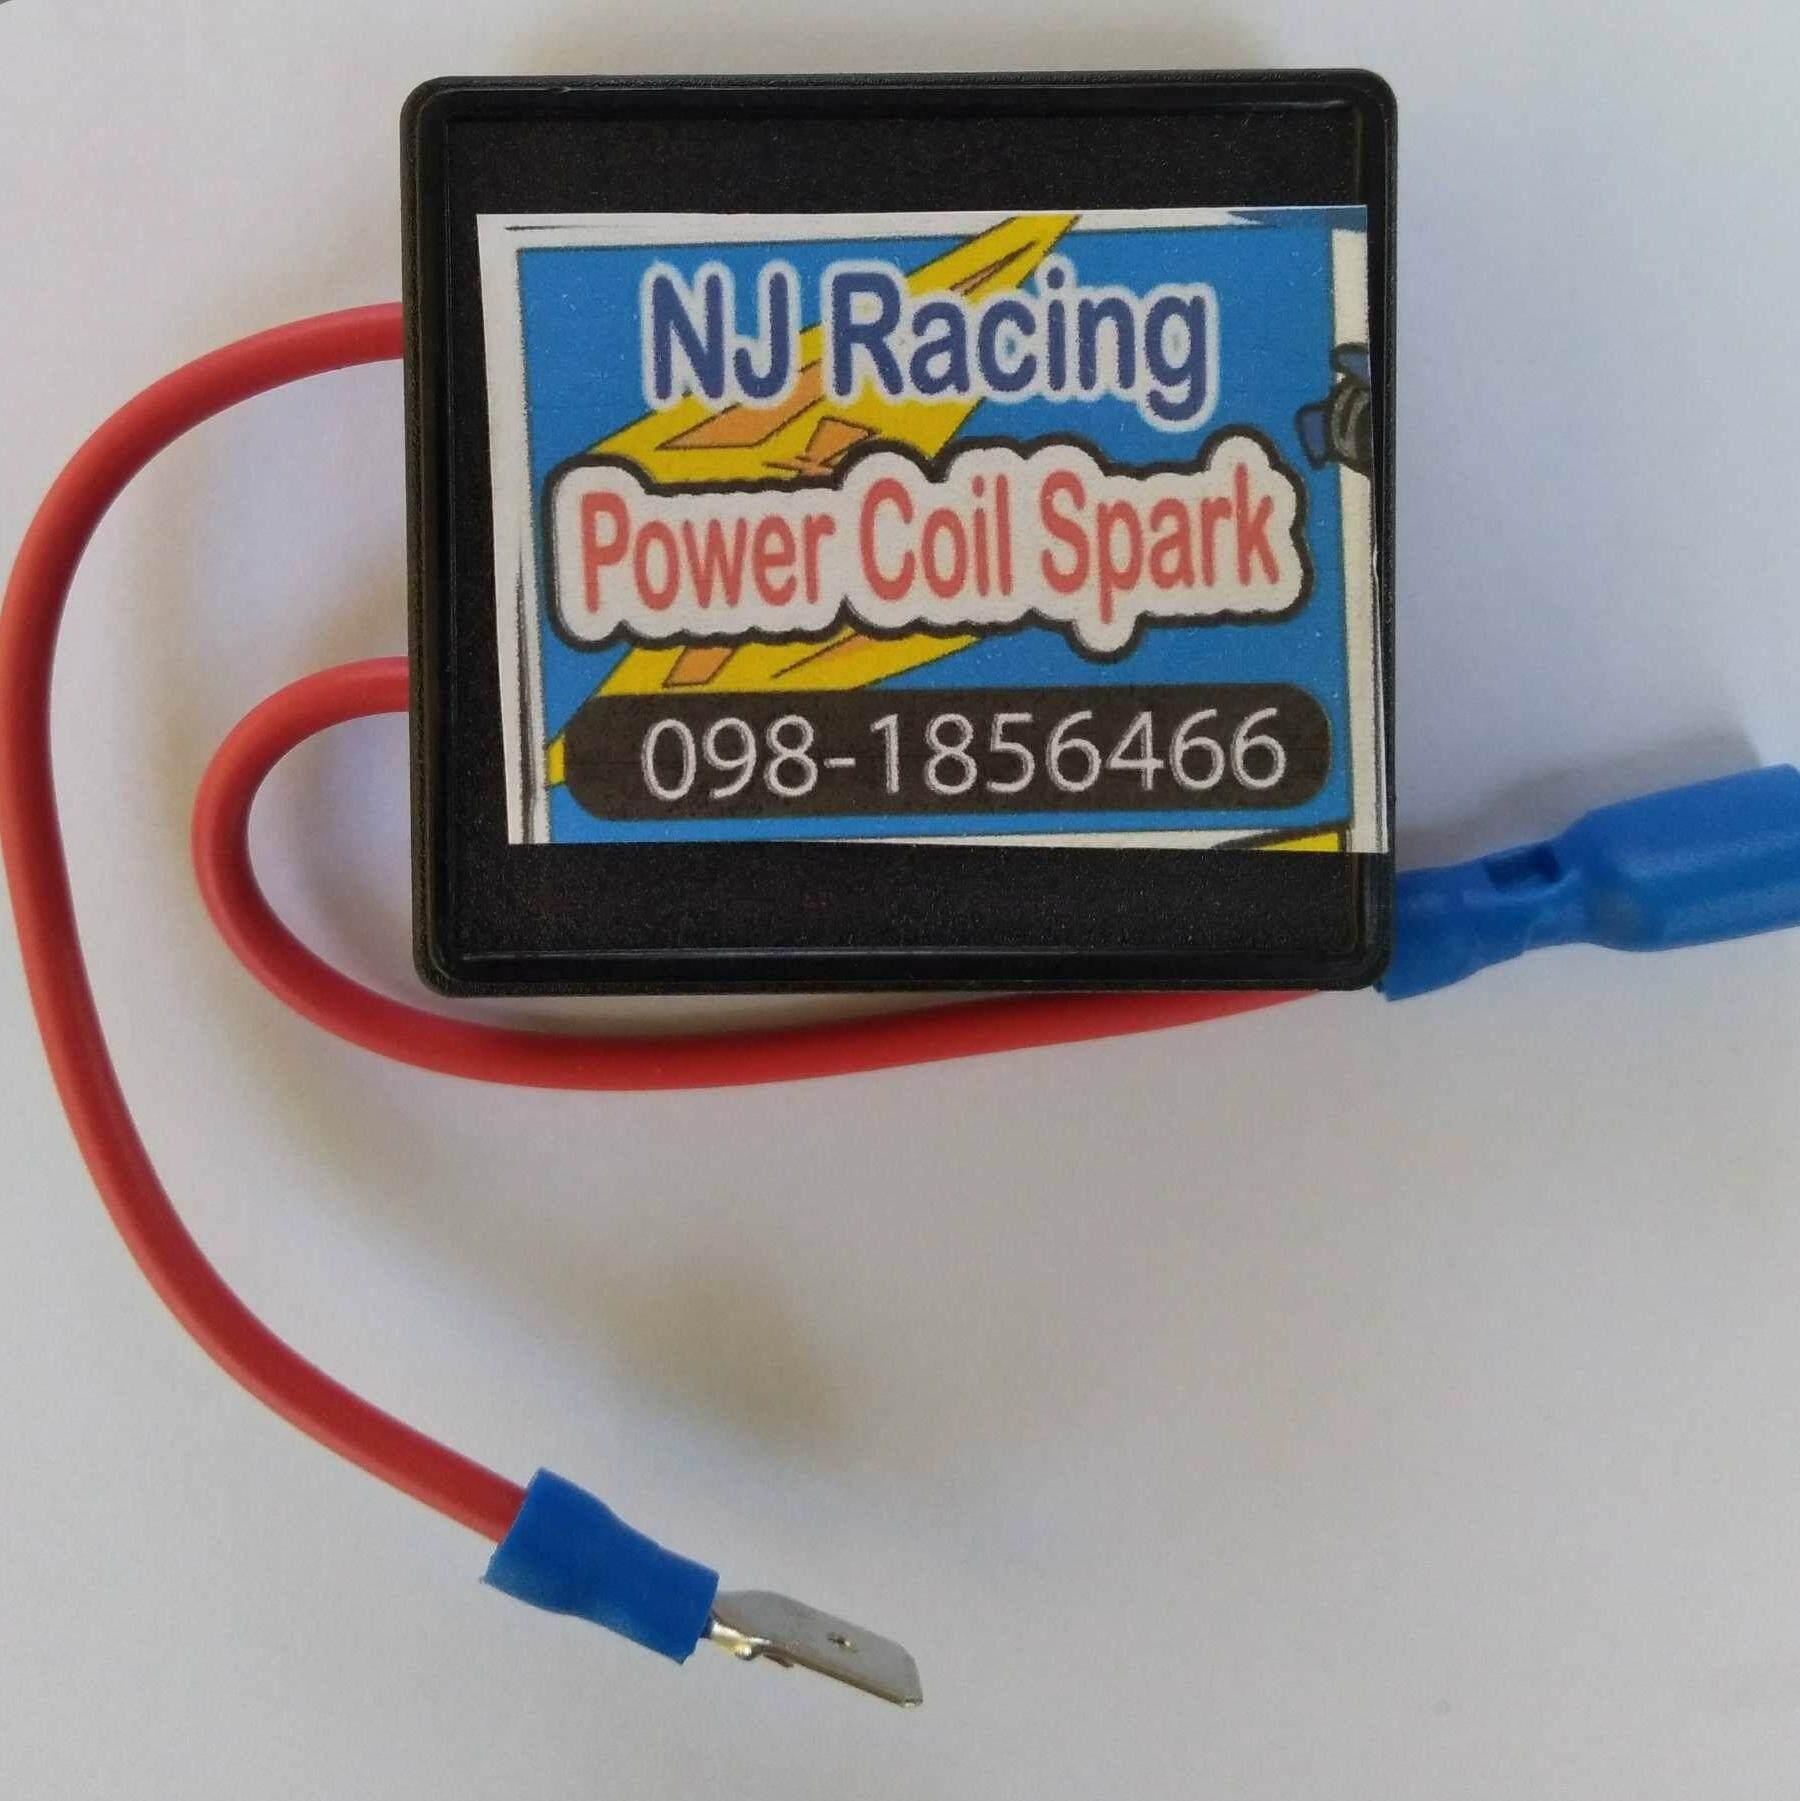 กล่องเพิ่มไฟคอยล์หัวเทียน V.2 By Nj Racing.